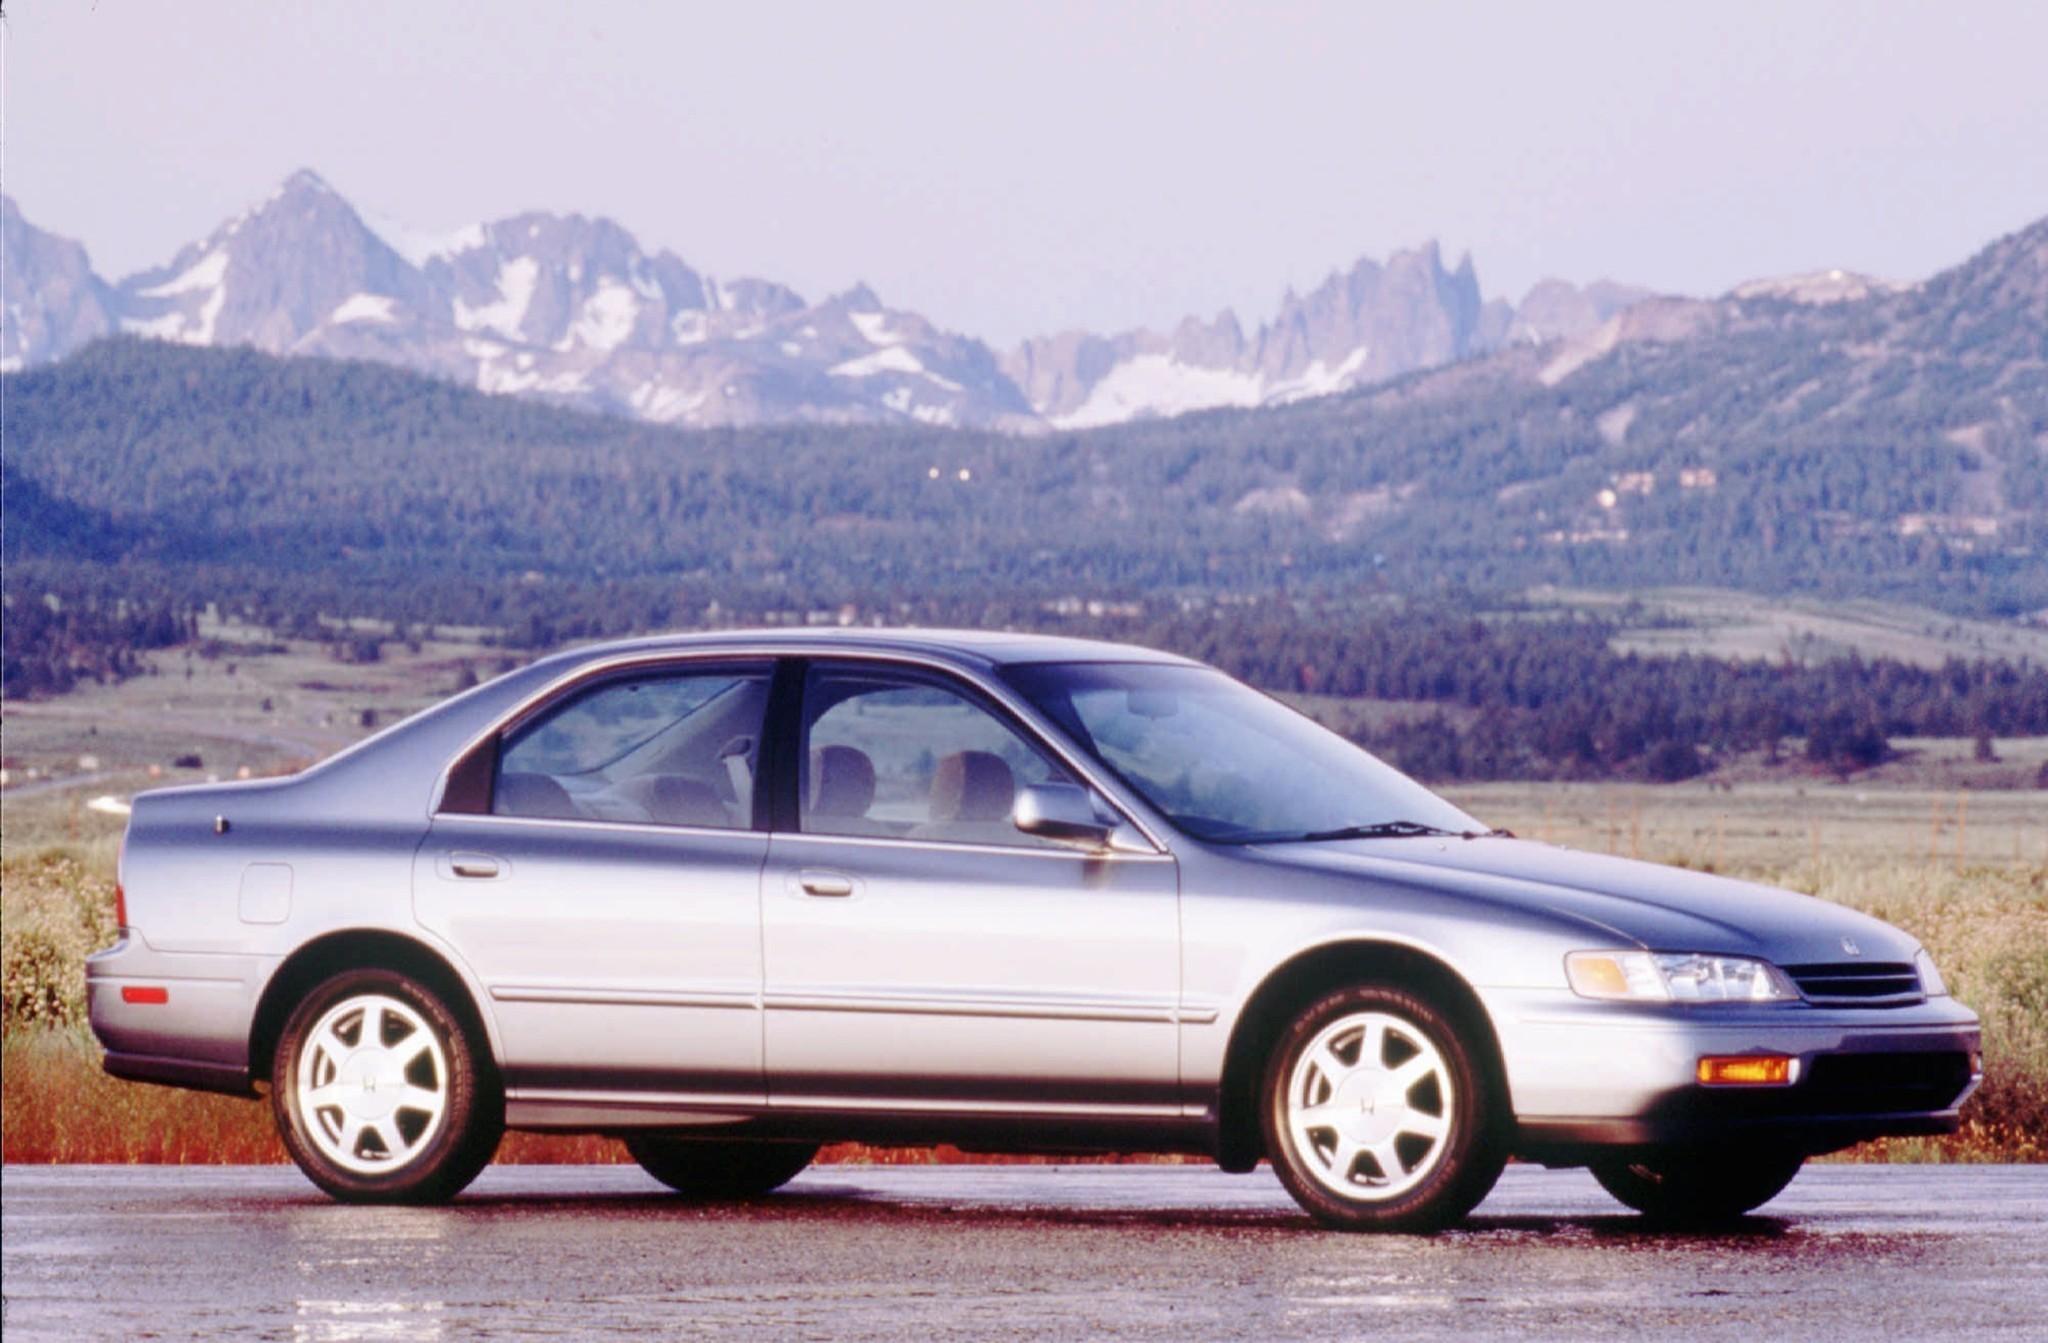 Honda Accord Civic Top Most Stolen Car List